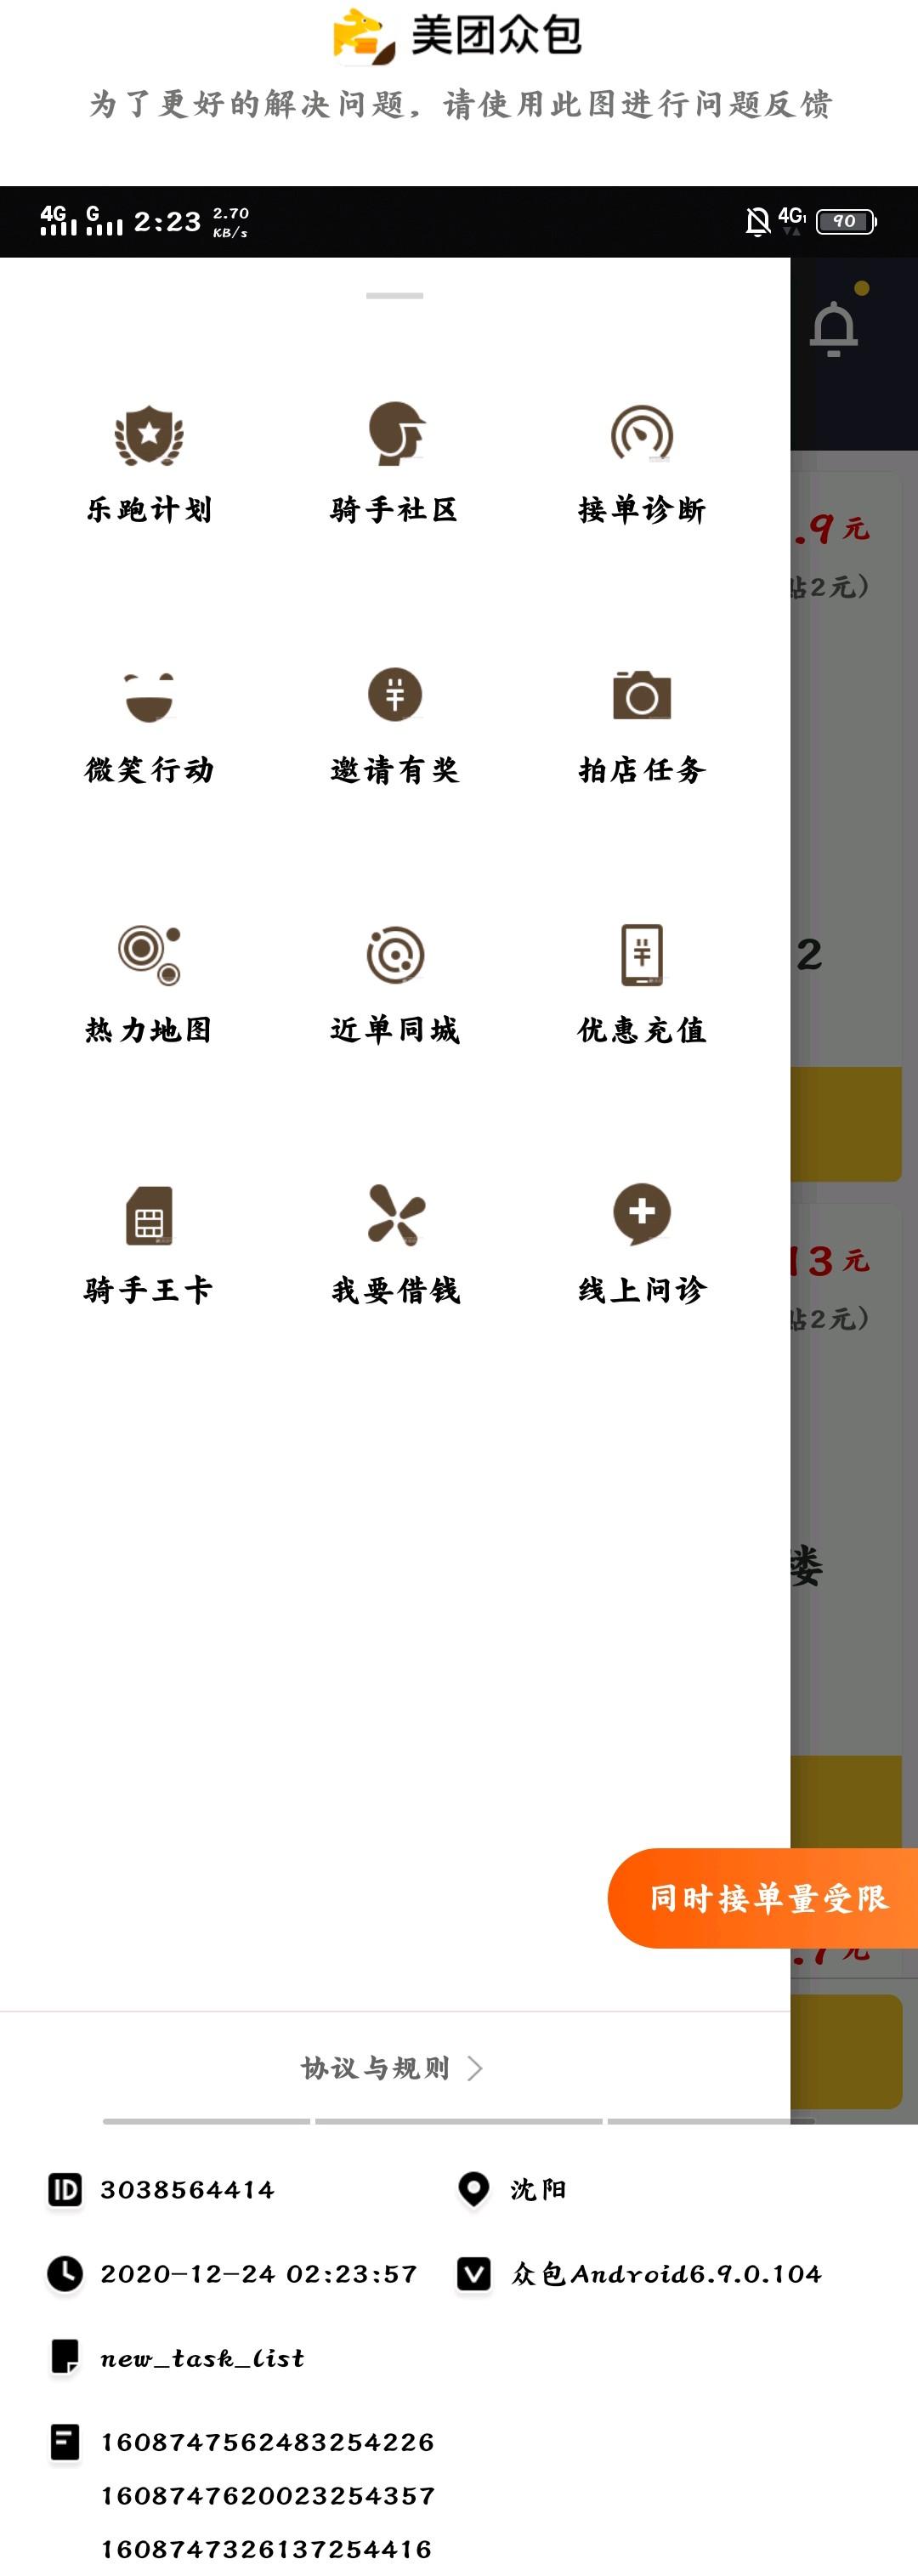 图片[1]-新版本拍店任务-老友薅羊毛活动线报网